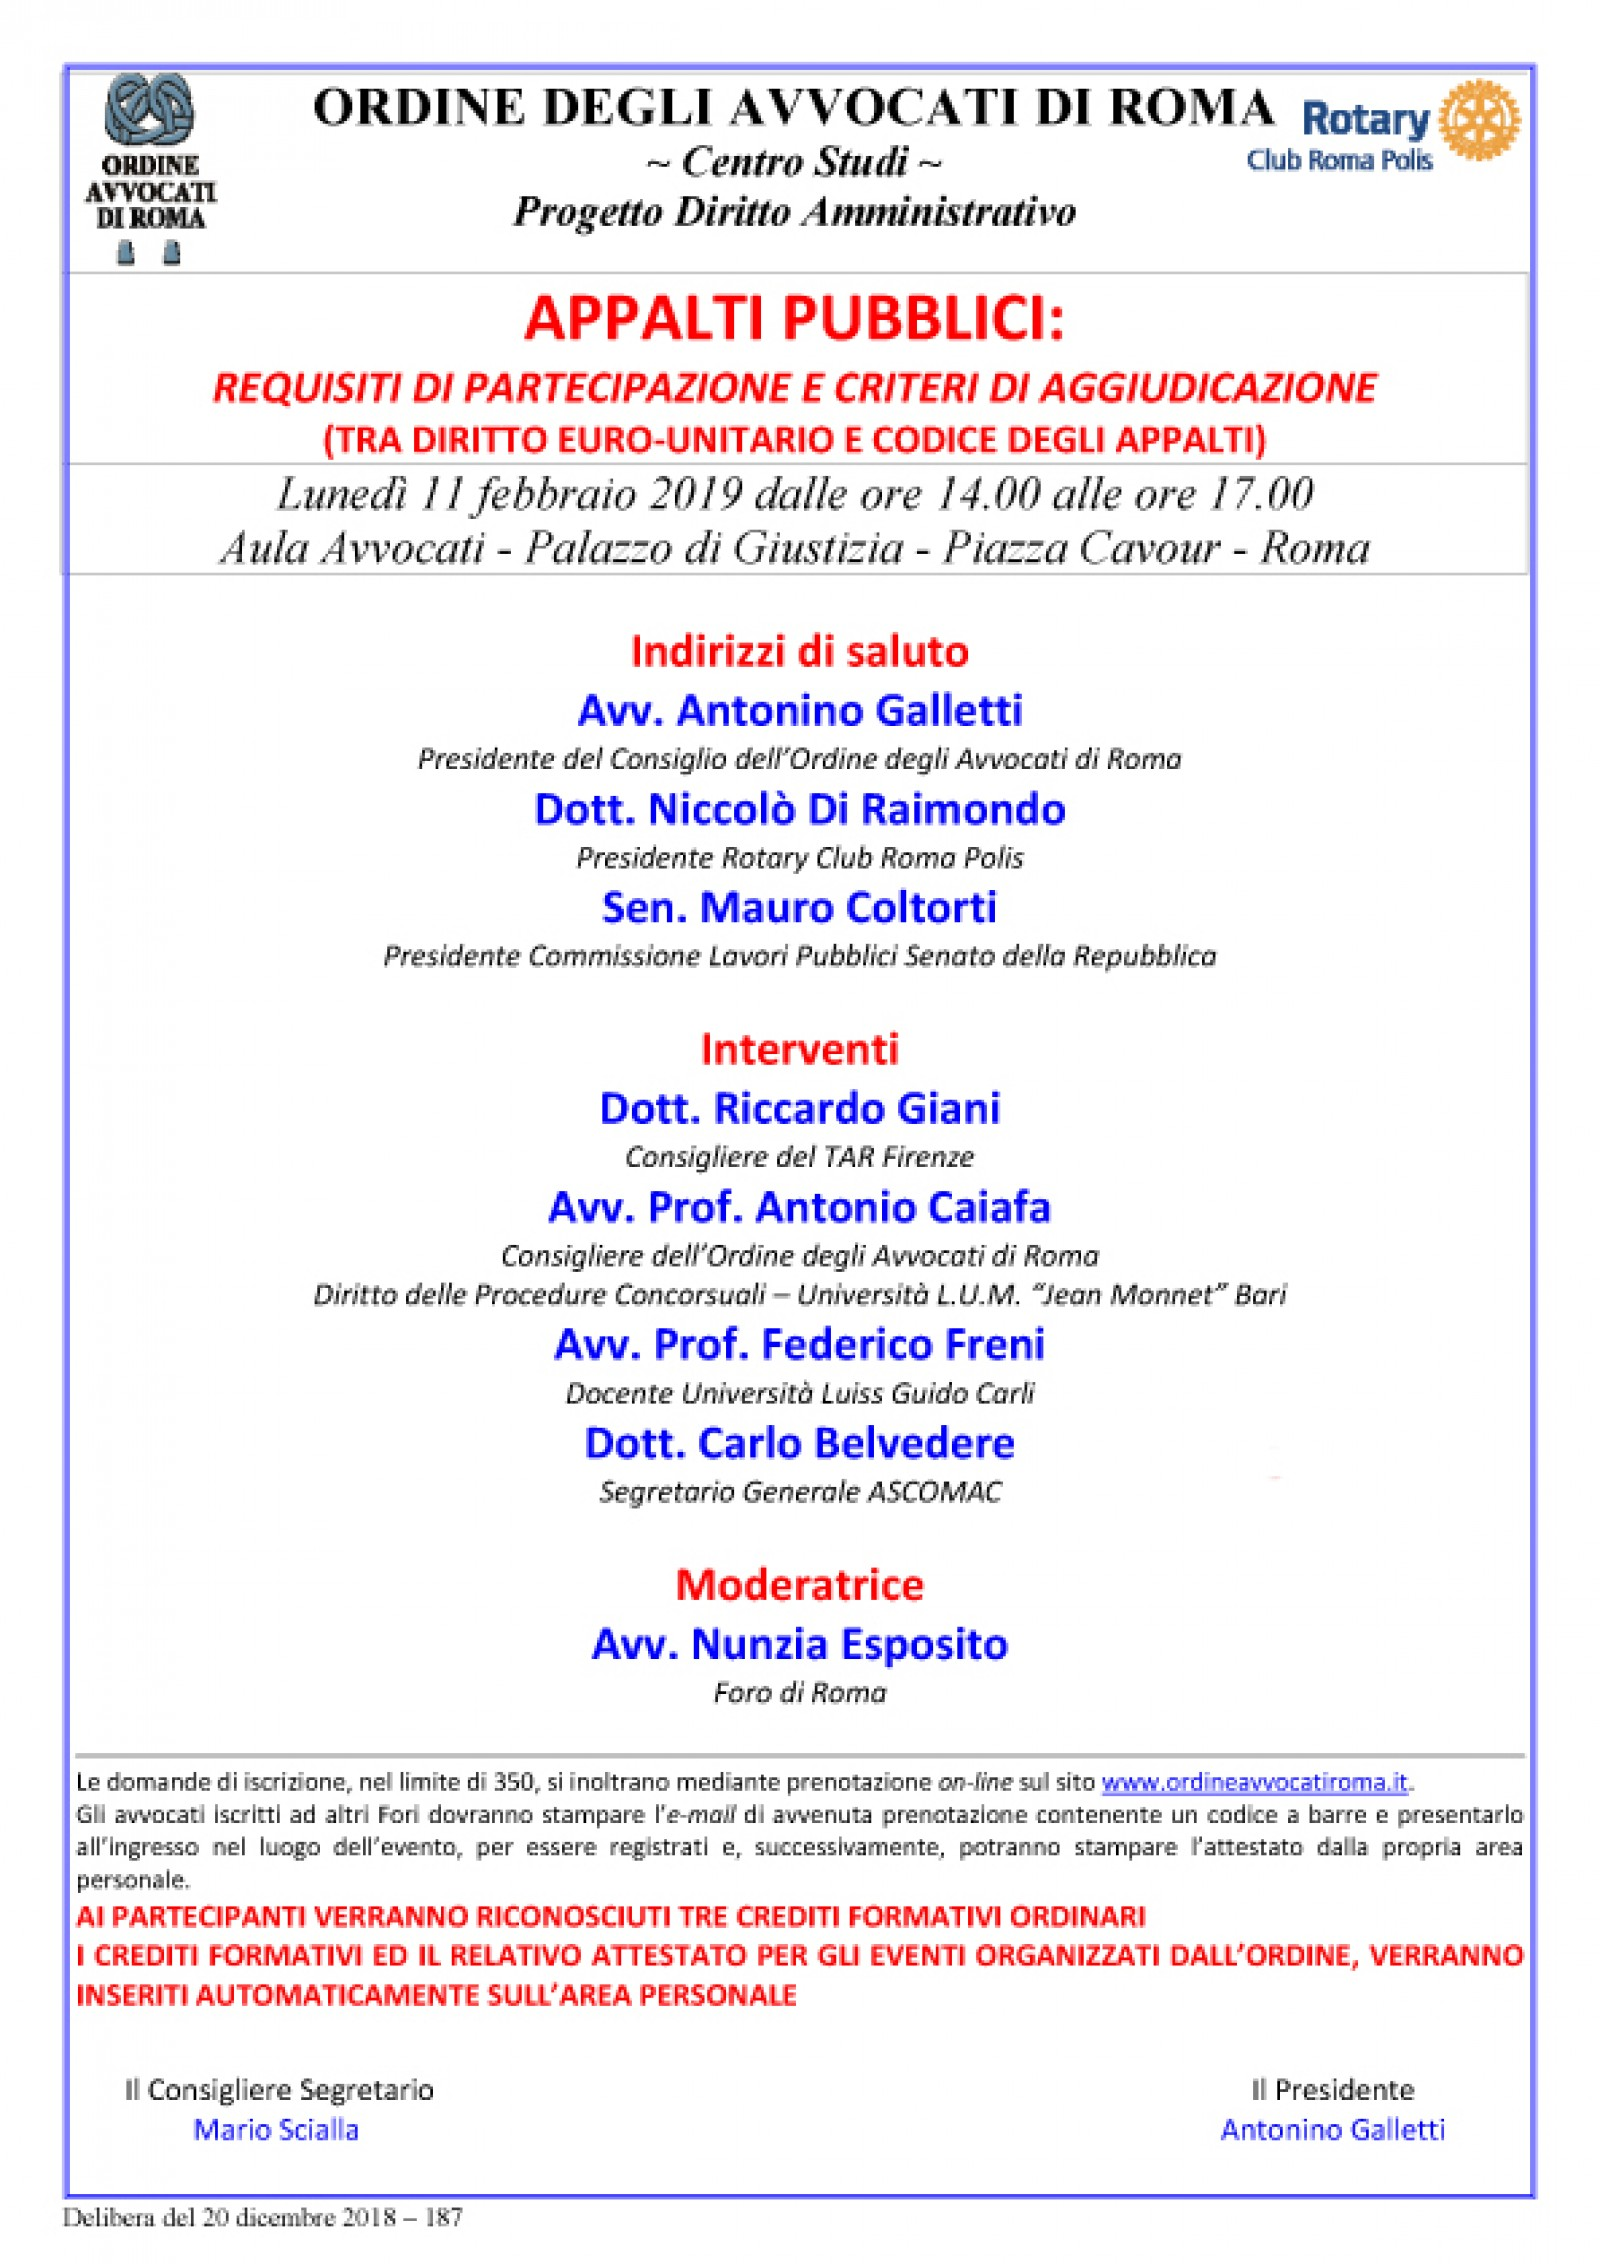 """Gallery - Convegno """"Appalti pubblici: requisiti di partecipazione e criteri di aggiudicazione (tra diritto euro-unitario e codice degli appalti)"""""""